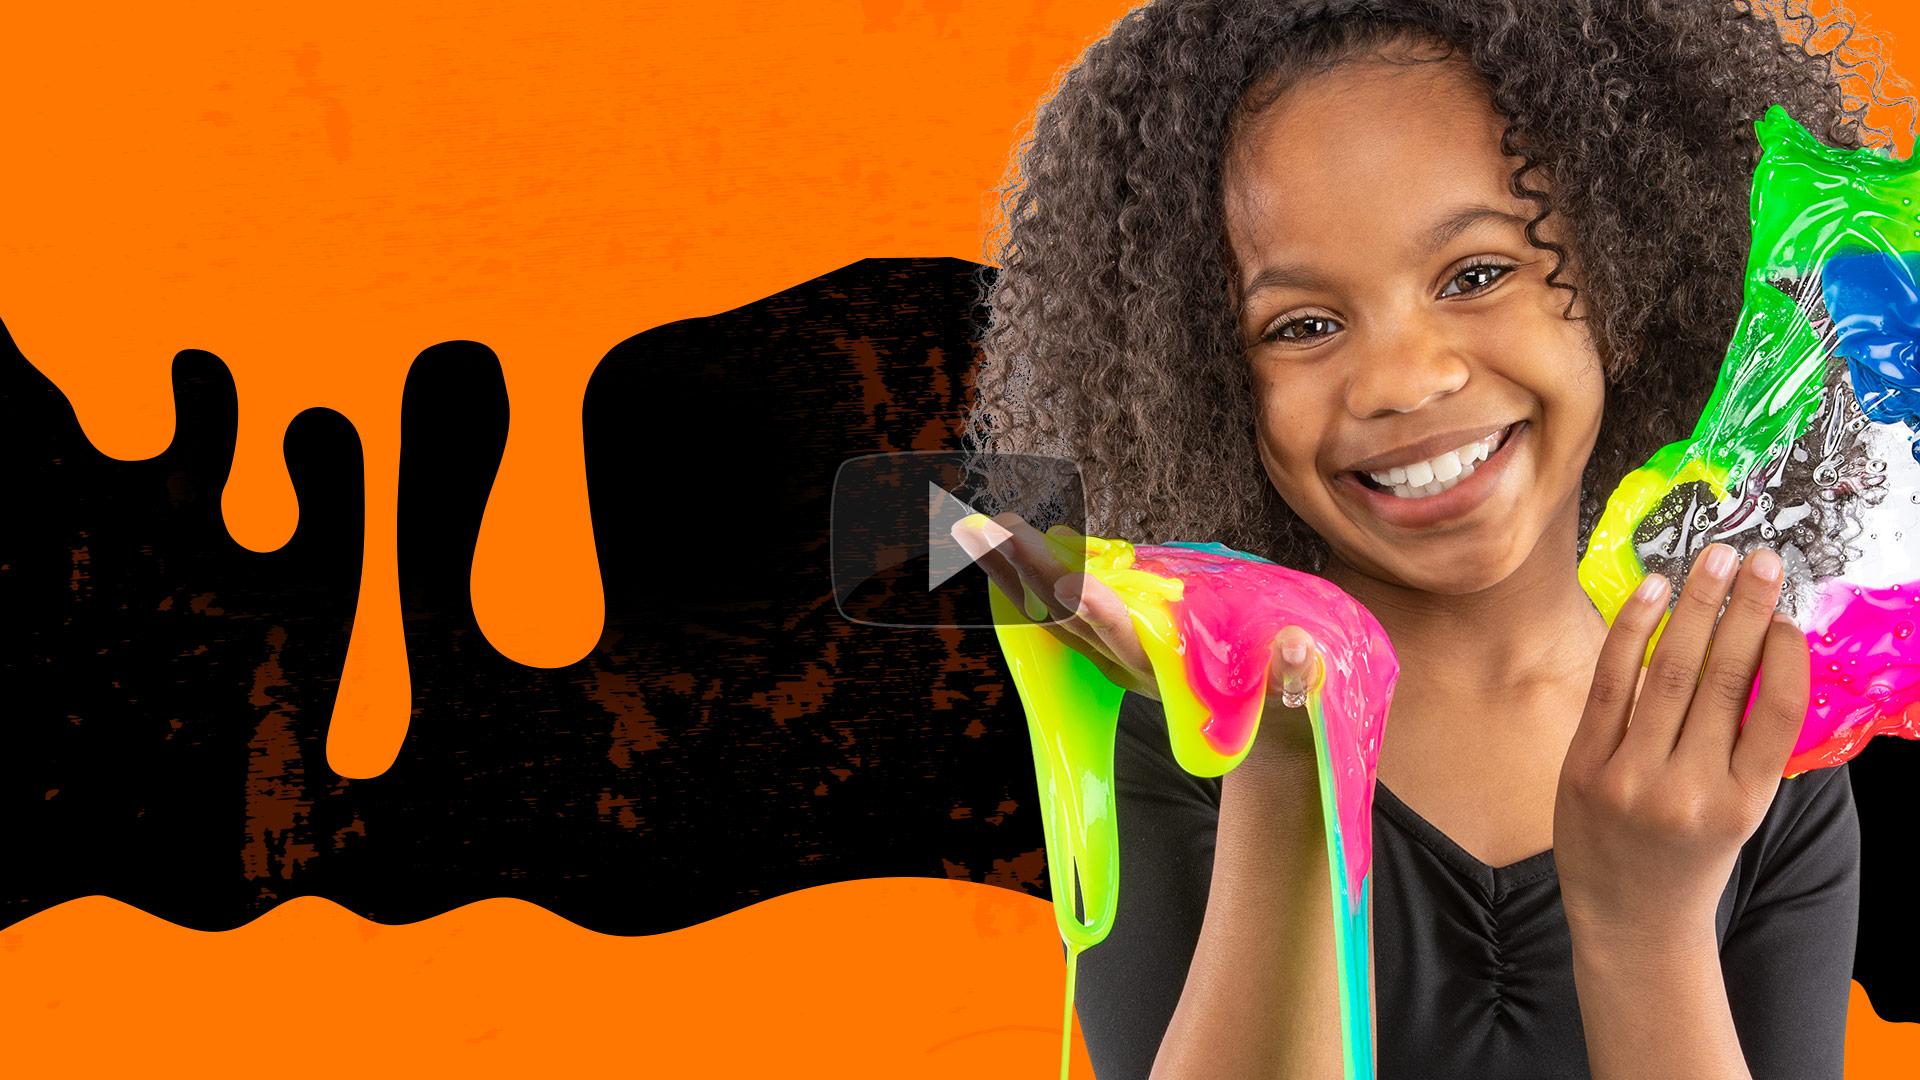 Slime Video